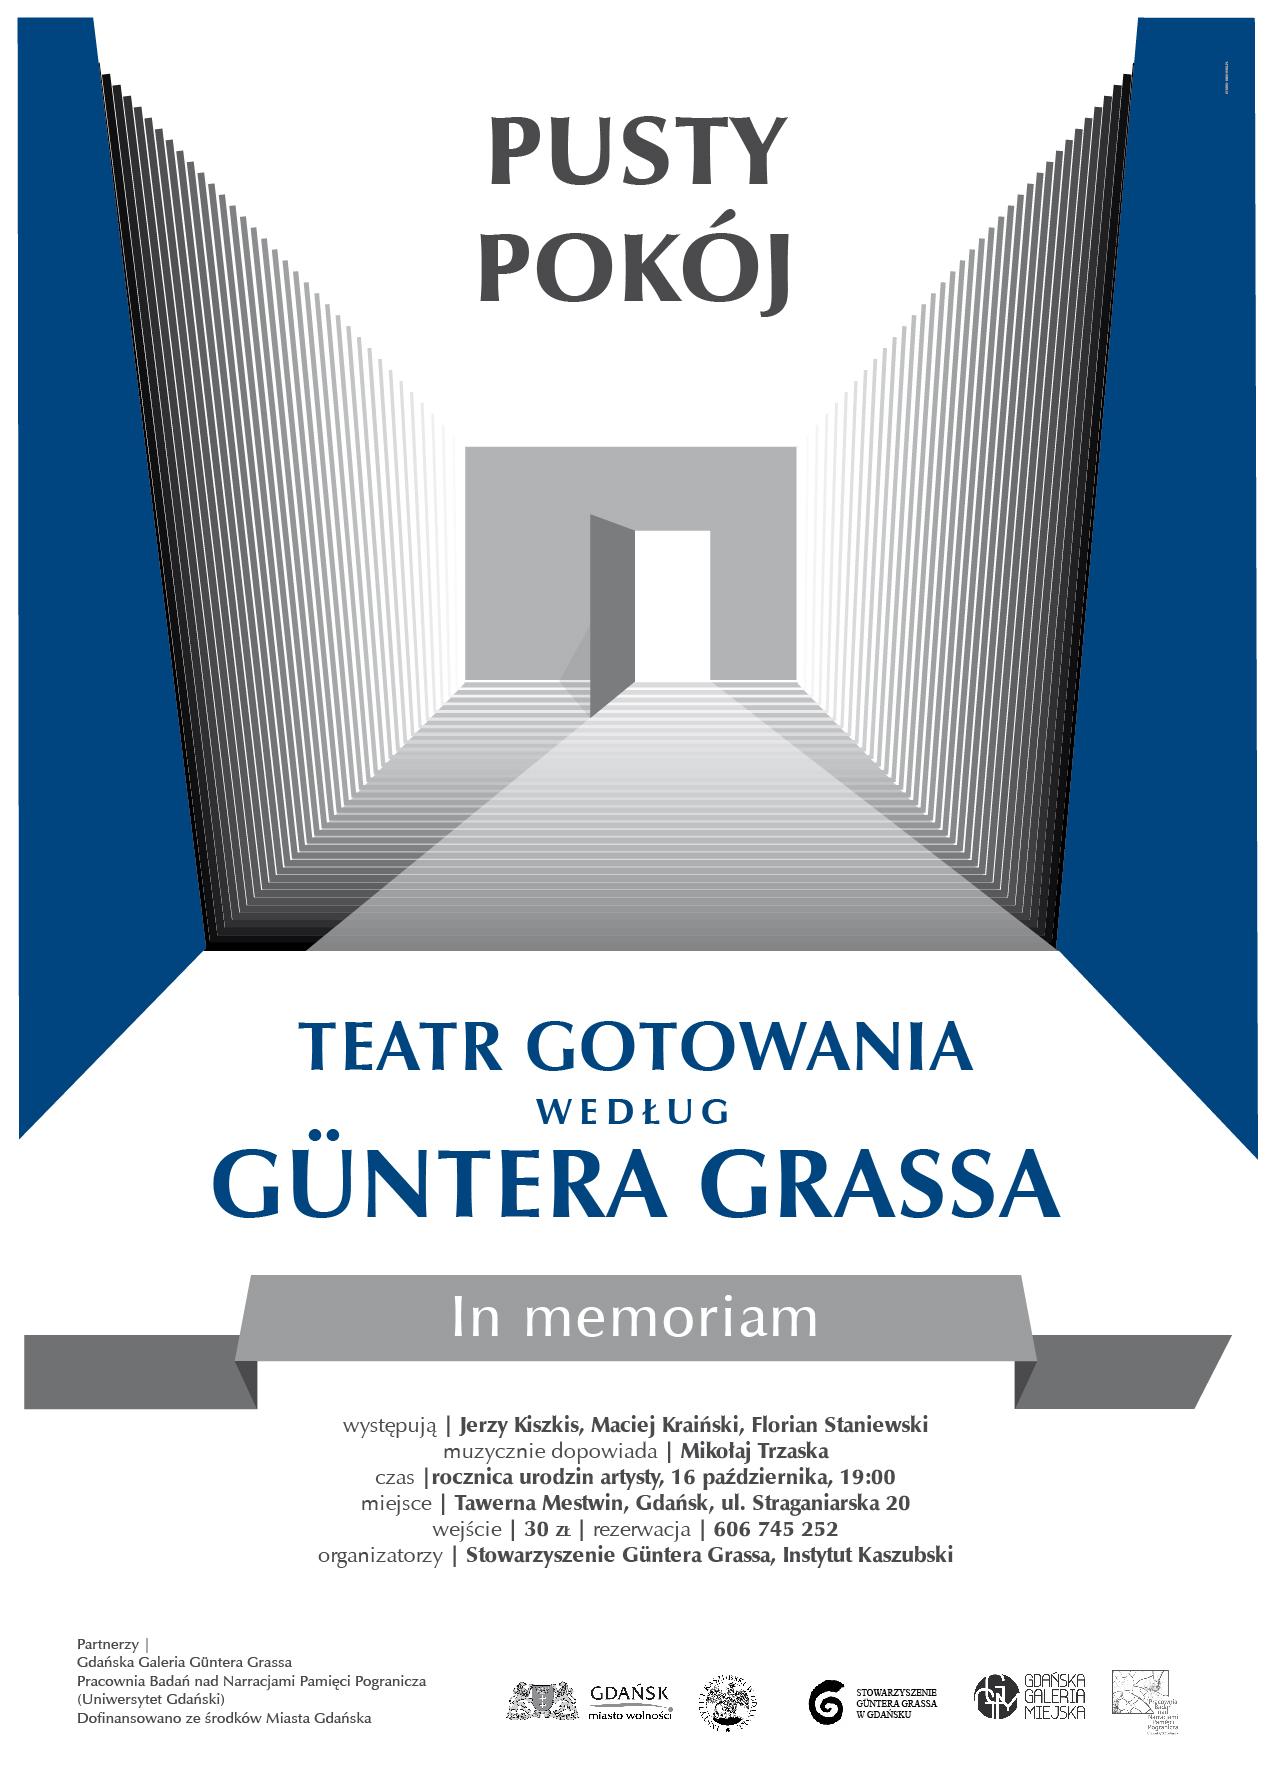 teatr gotowania plakat 15-20 B1 i zaproszenie rezerwacja 50 szt A4